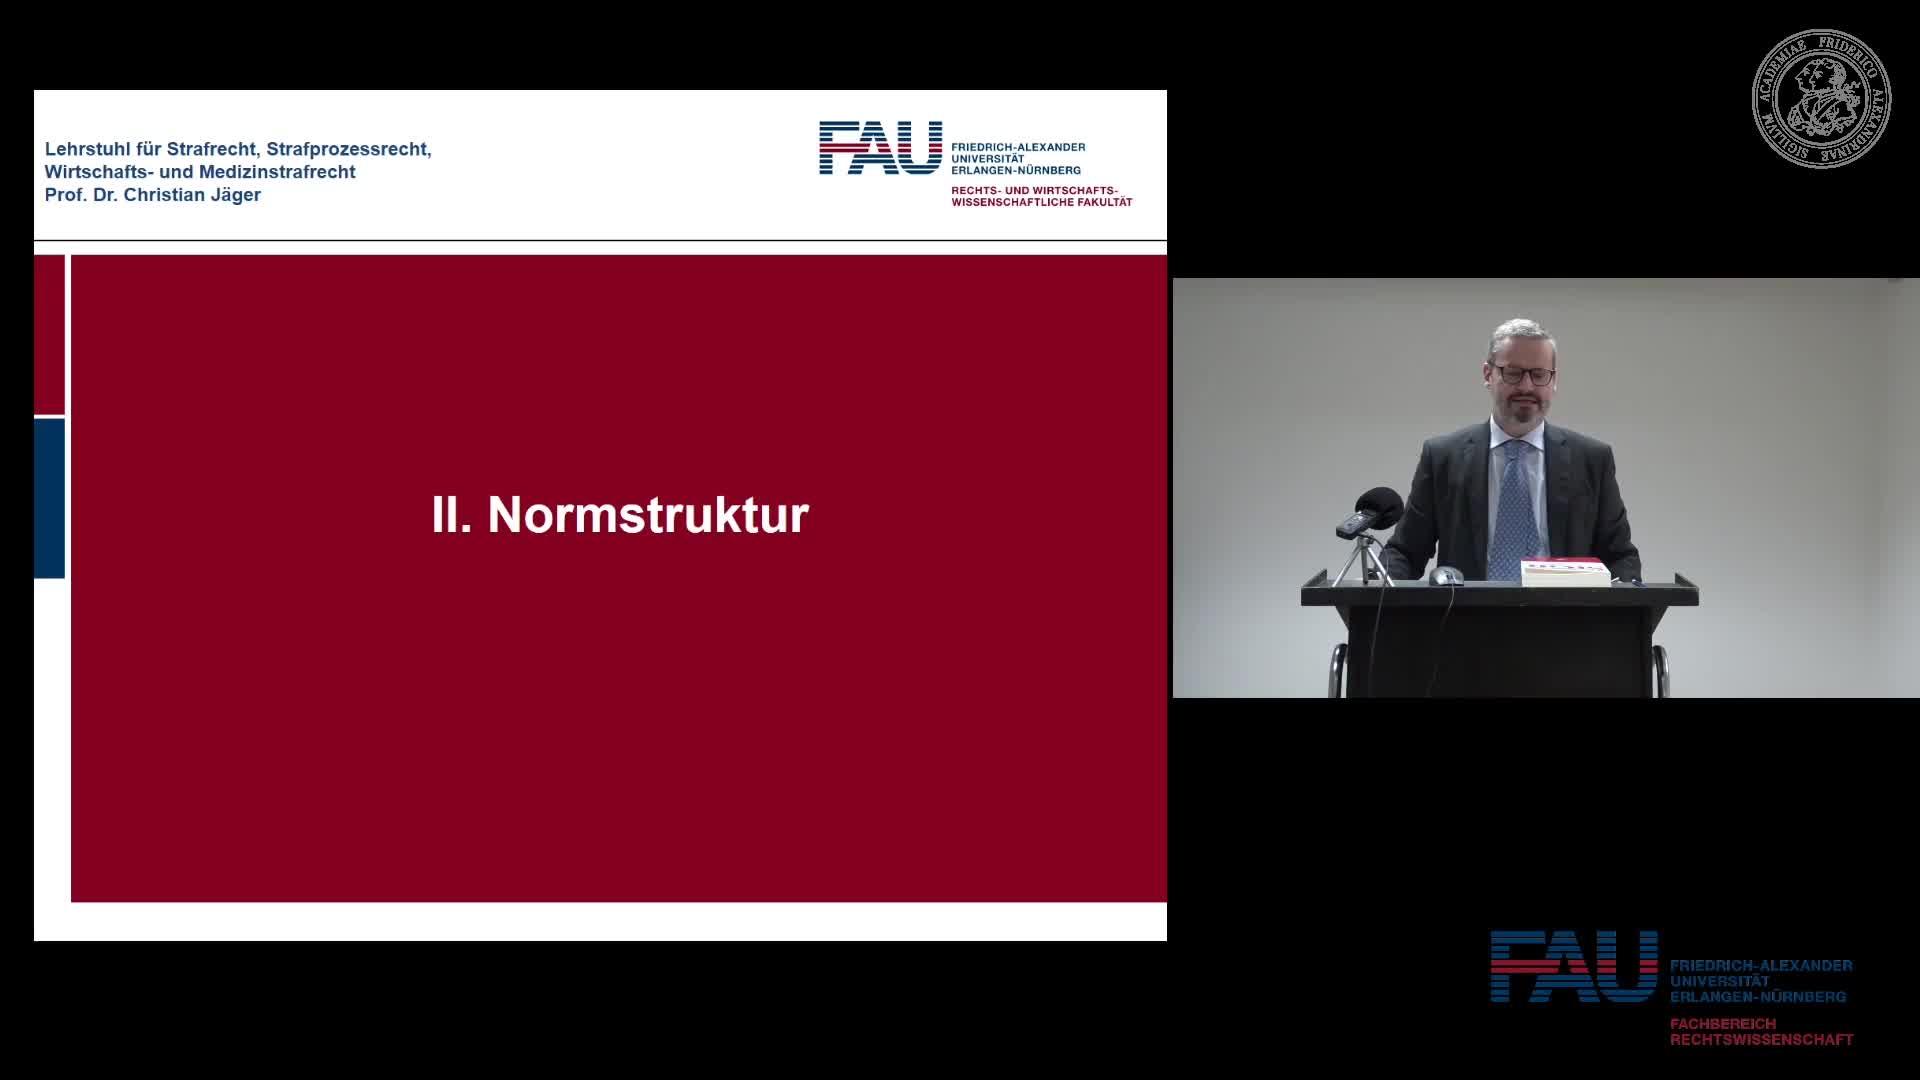 Grundkurs Strafrecht I - Einheit 27 preview image